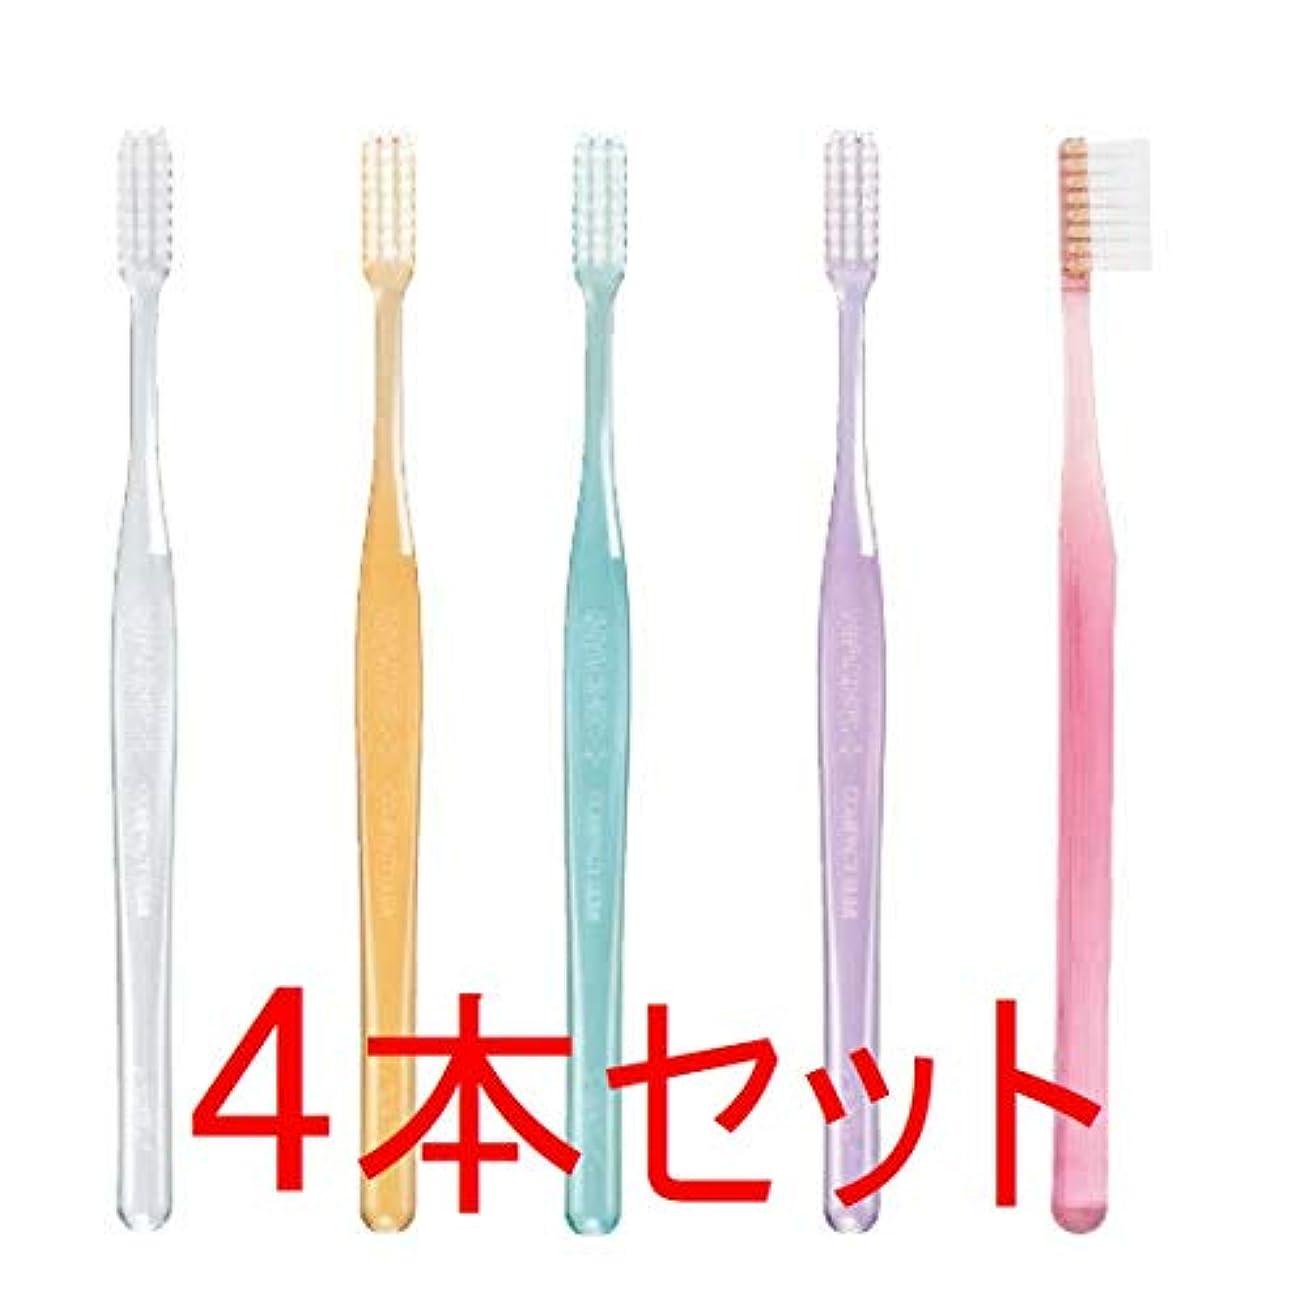 きちんとした守るわかるGC プロスペック 歯ブラシ プラス コンパクトスリム 4本 クリアー色 (M(ふつう), おまかせ)